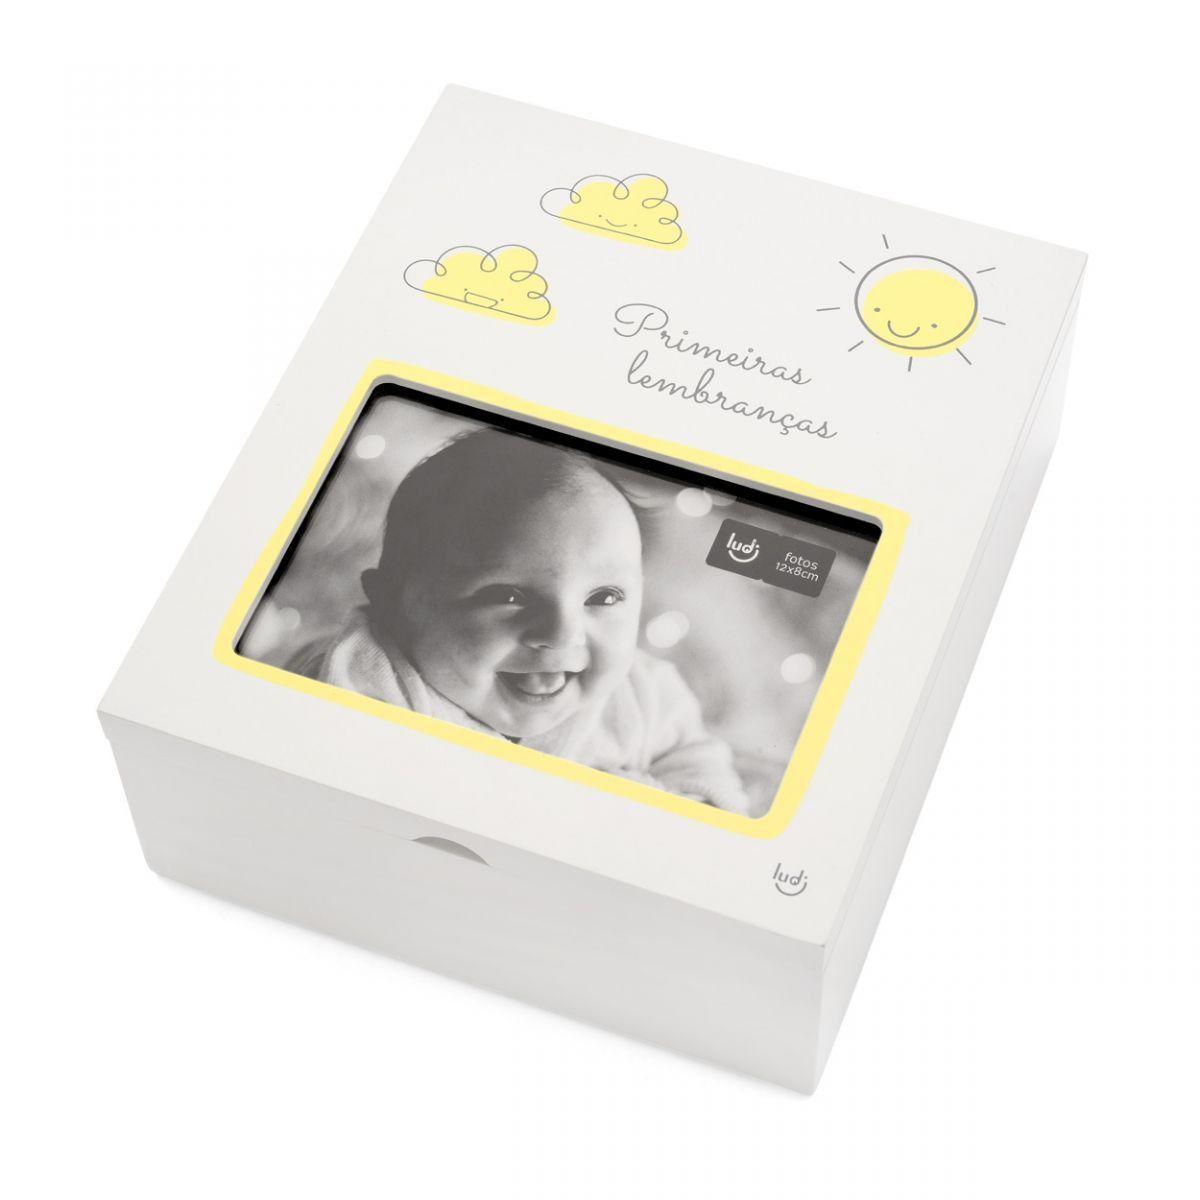 Caixa Porta Lembranças com Foto Bebê